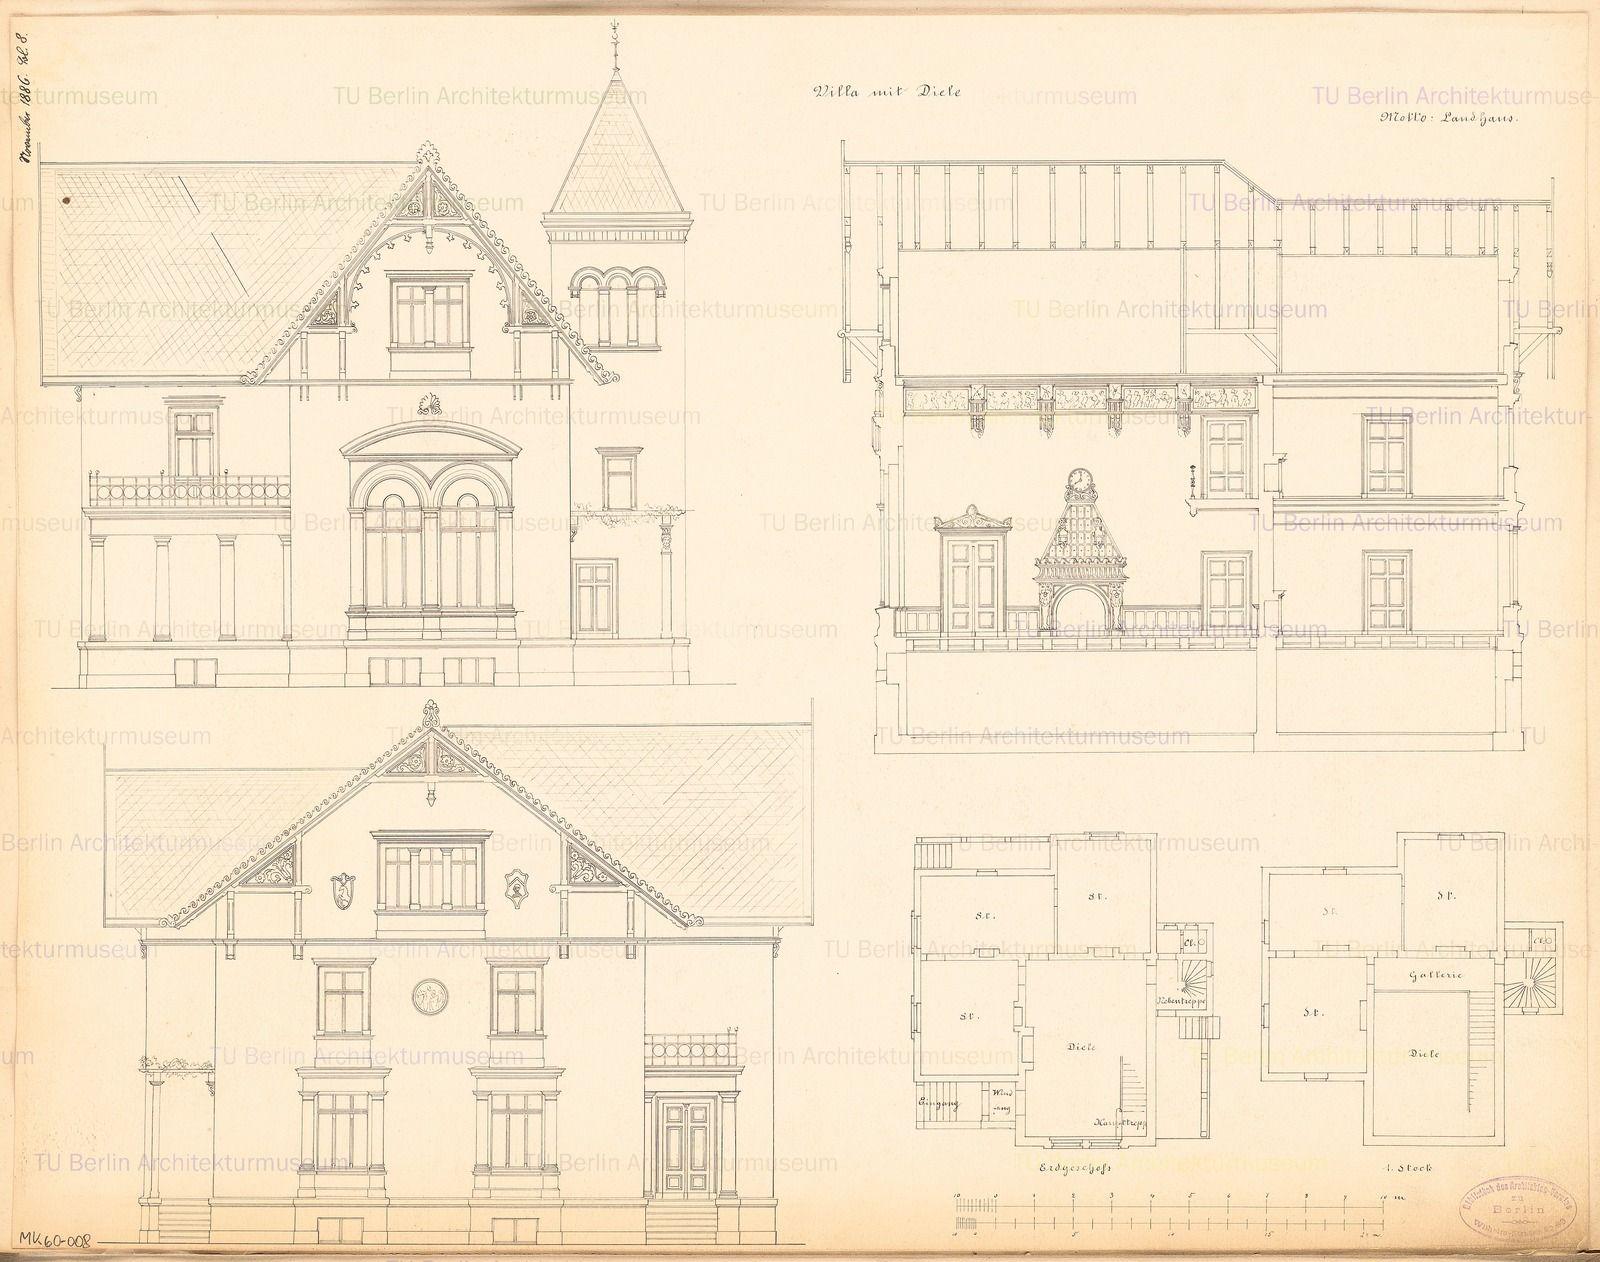 Grundriss Erdgeschoss, Obergeschoss, Aufriss Vorderansicht